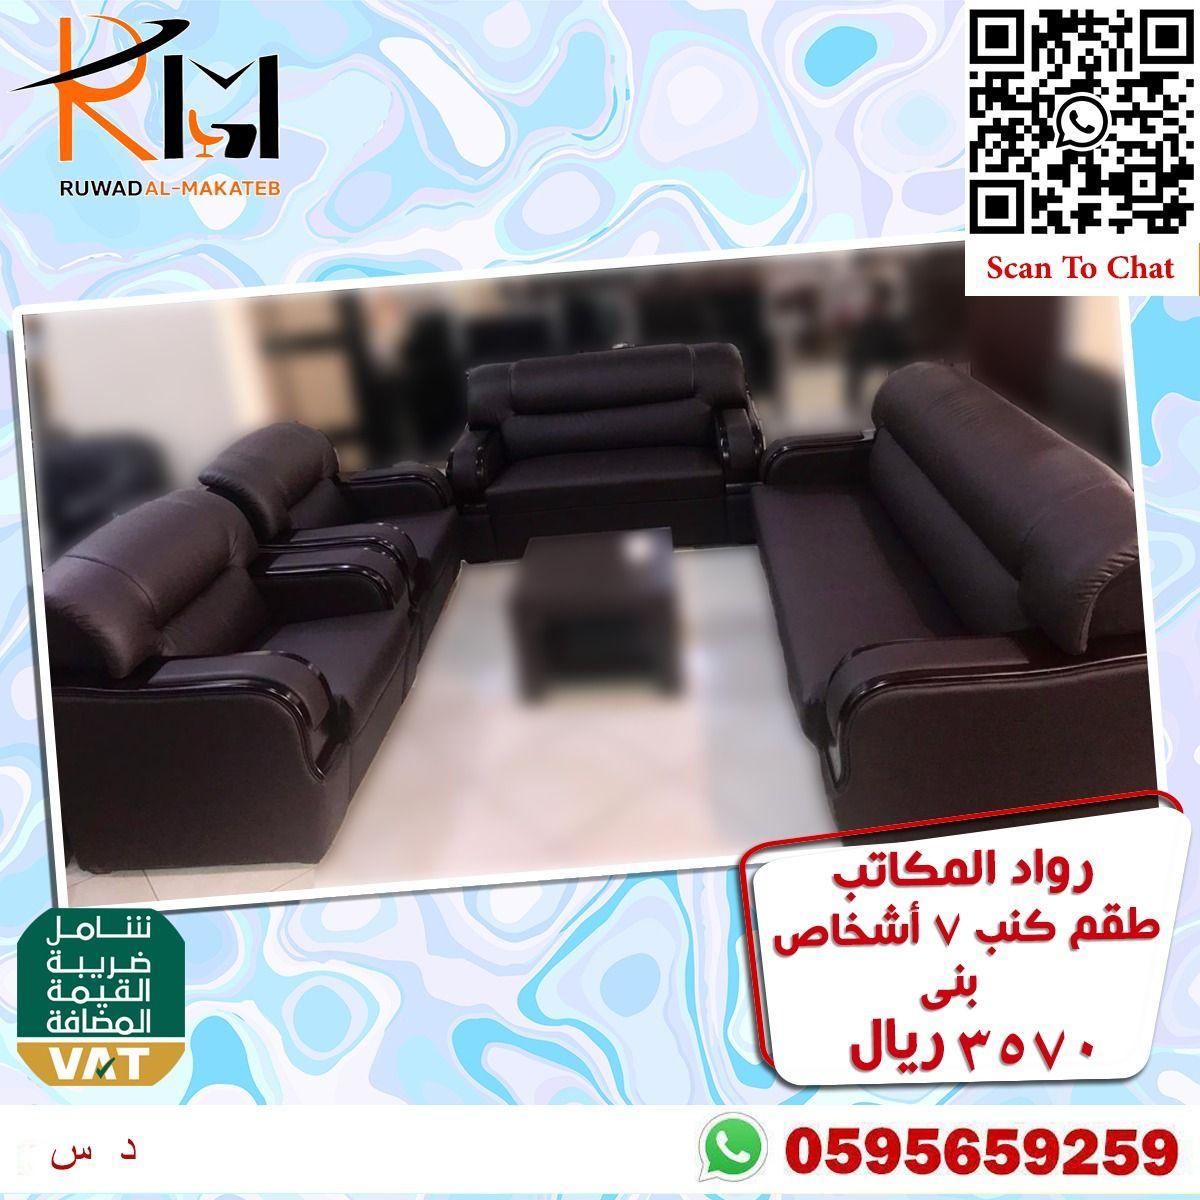 طقم كنب مودرن In 2021 Sectional Couch Home Decor Sectional